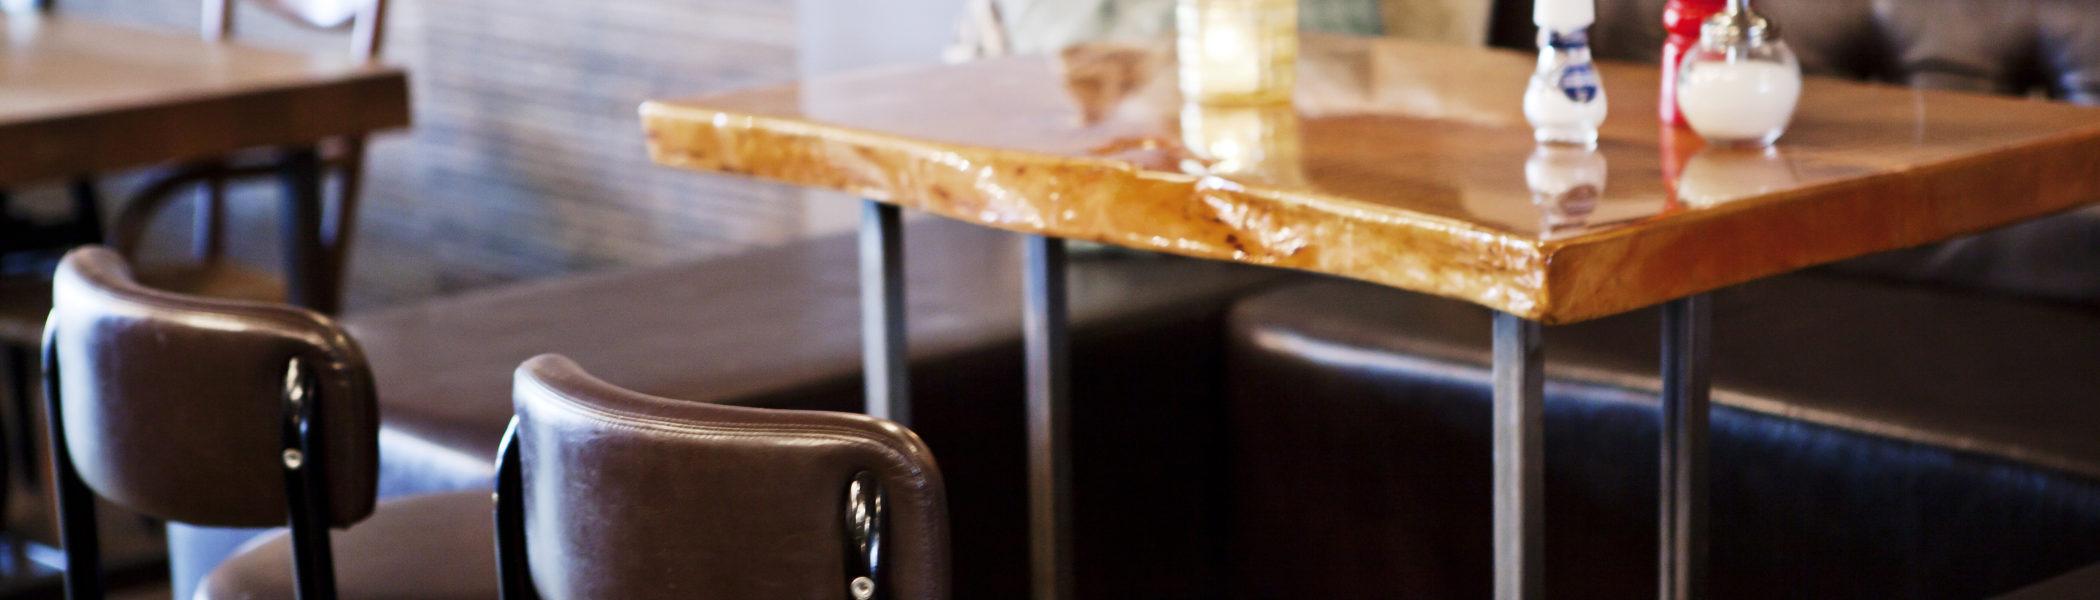 restaurant-zaandam-manzo-bar-bistro-lounge-interieur